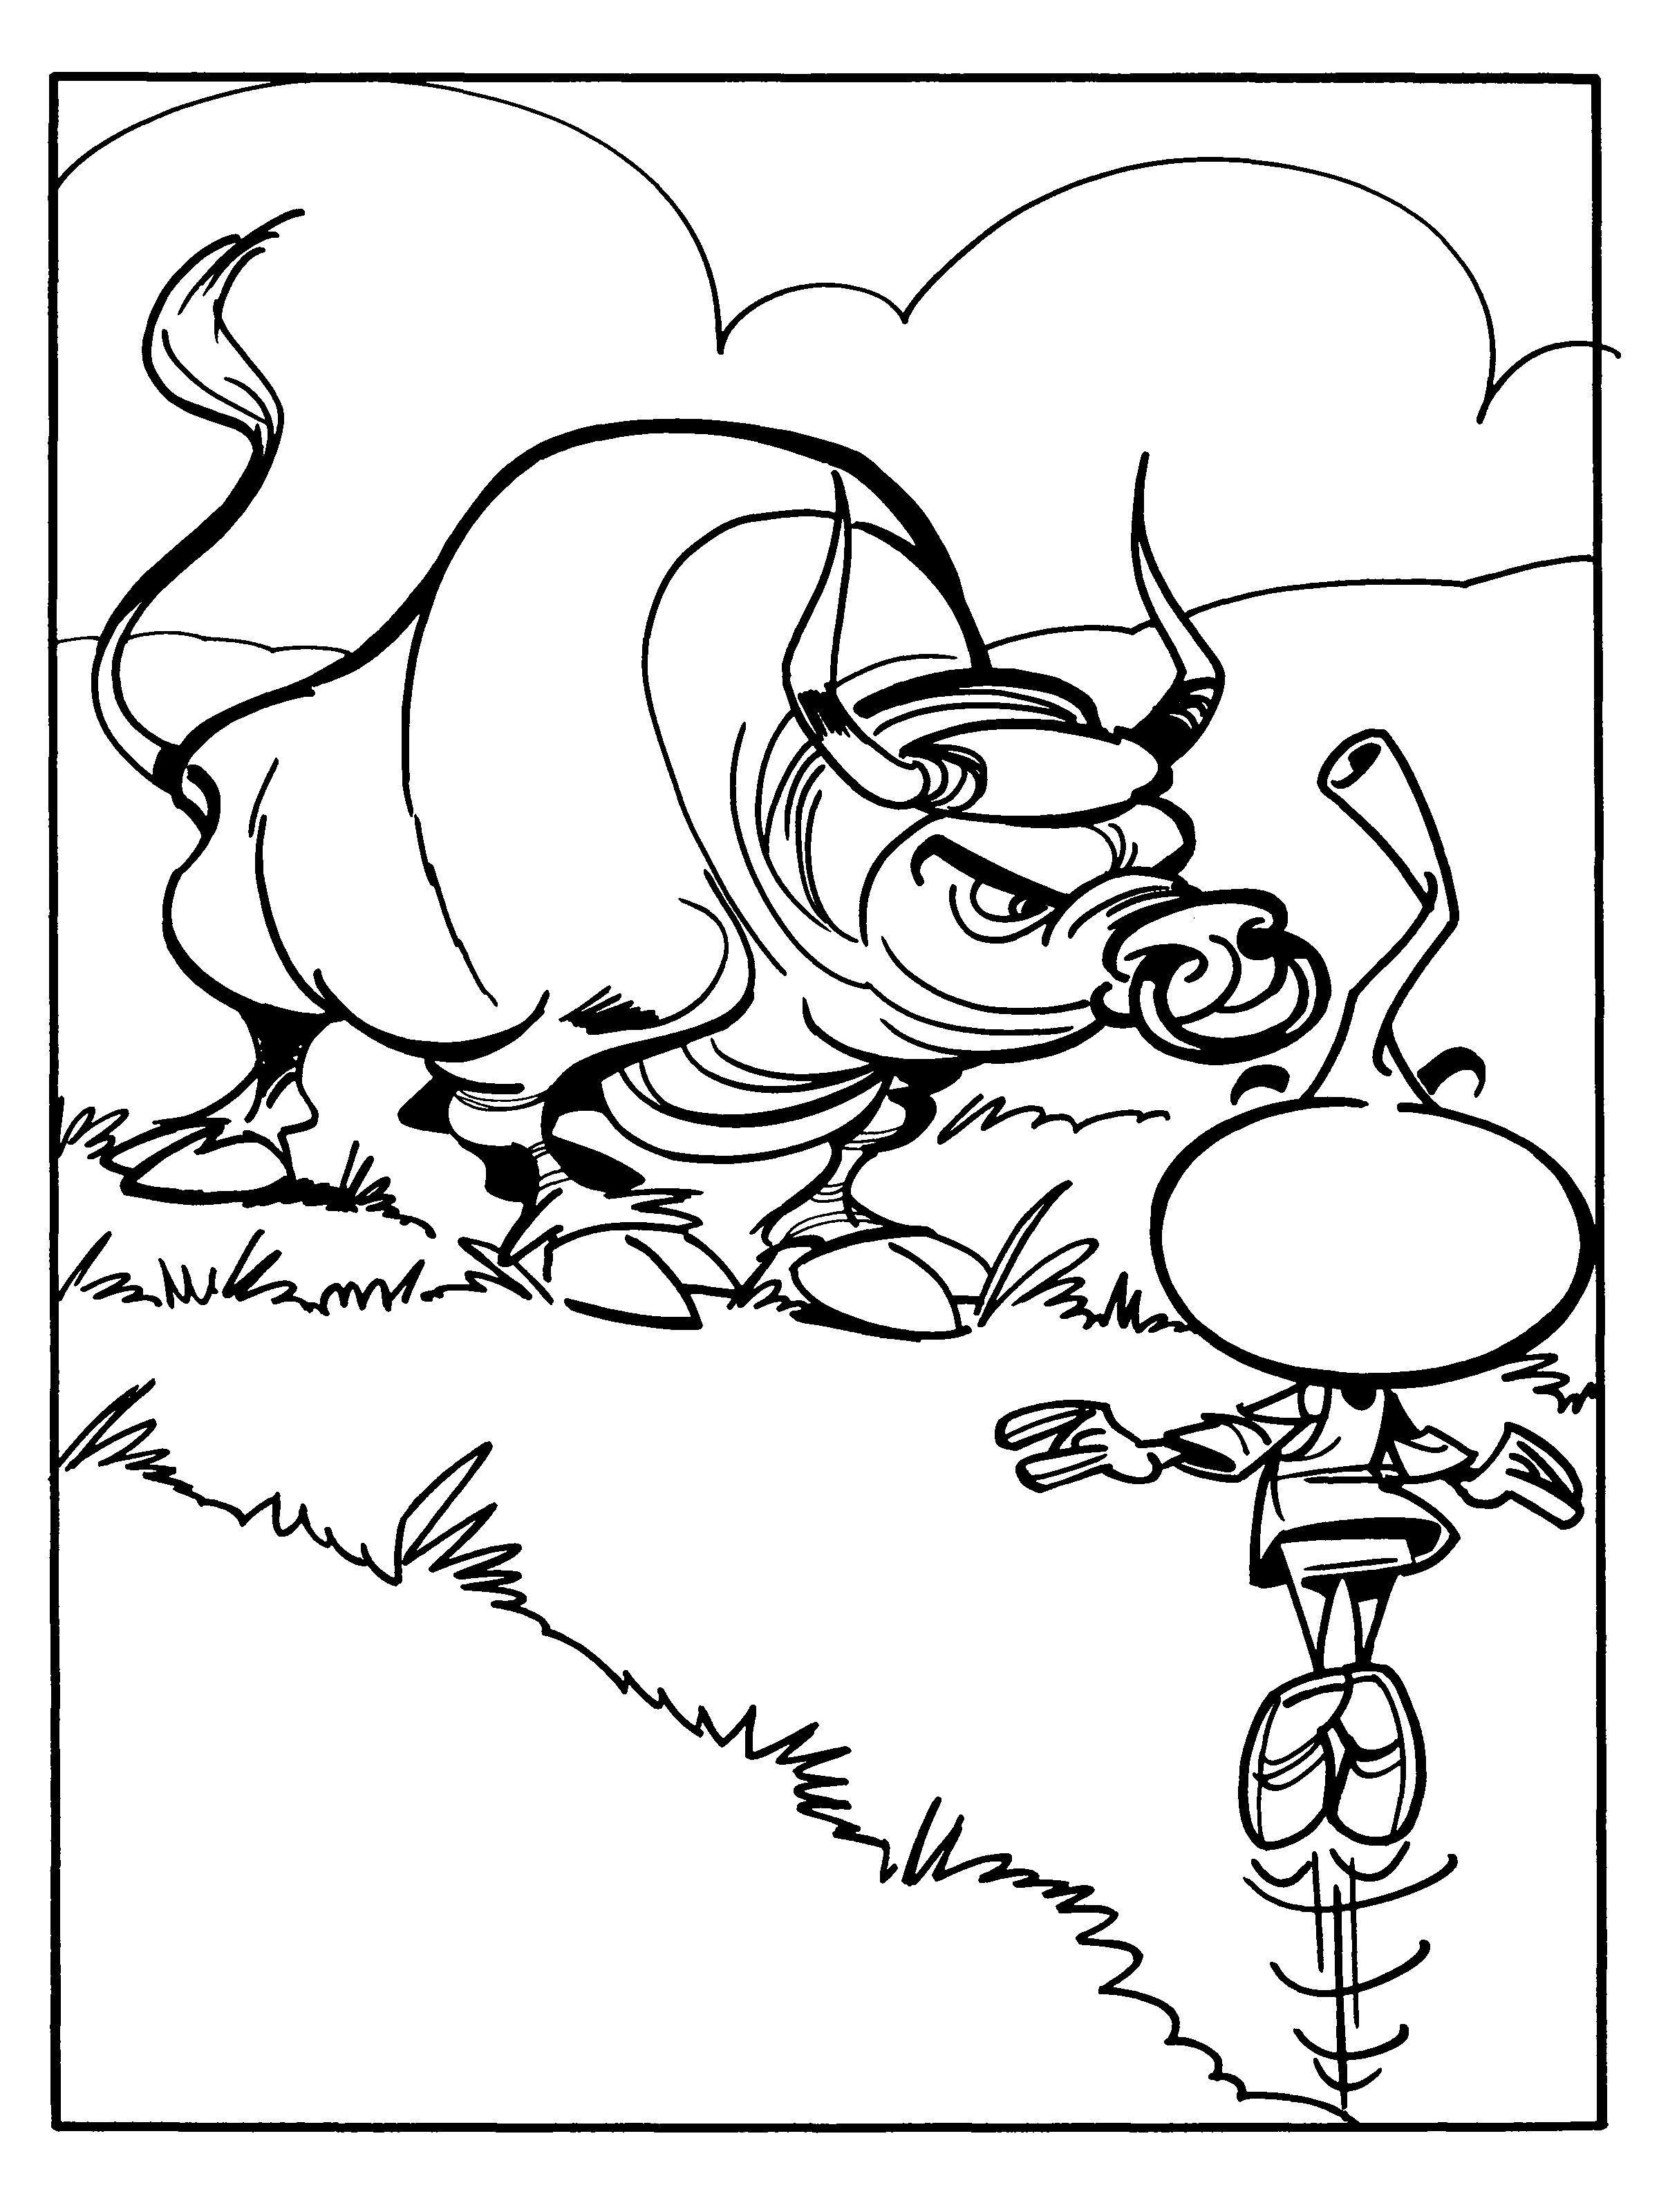 Malvorlagen Schnorchels 11   coloriages   Pinterest   Schnorchel ...